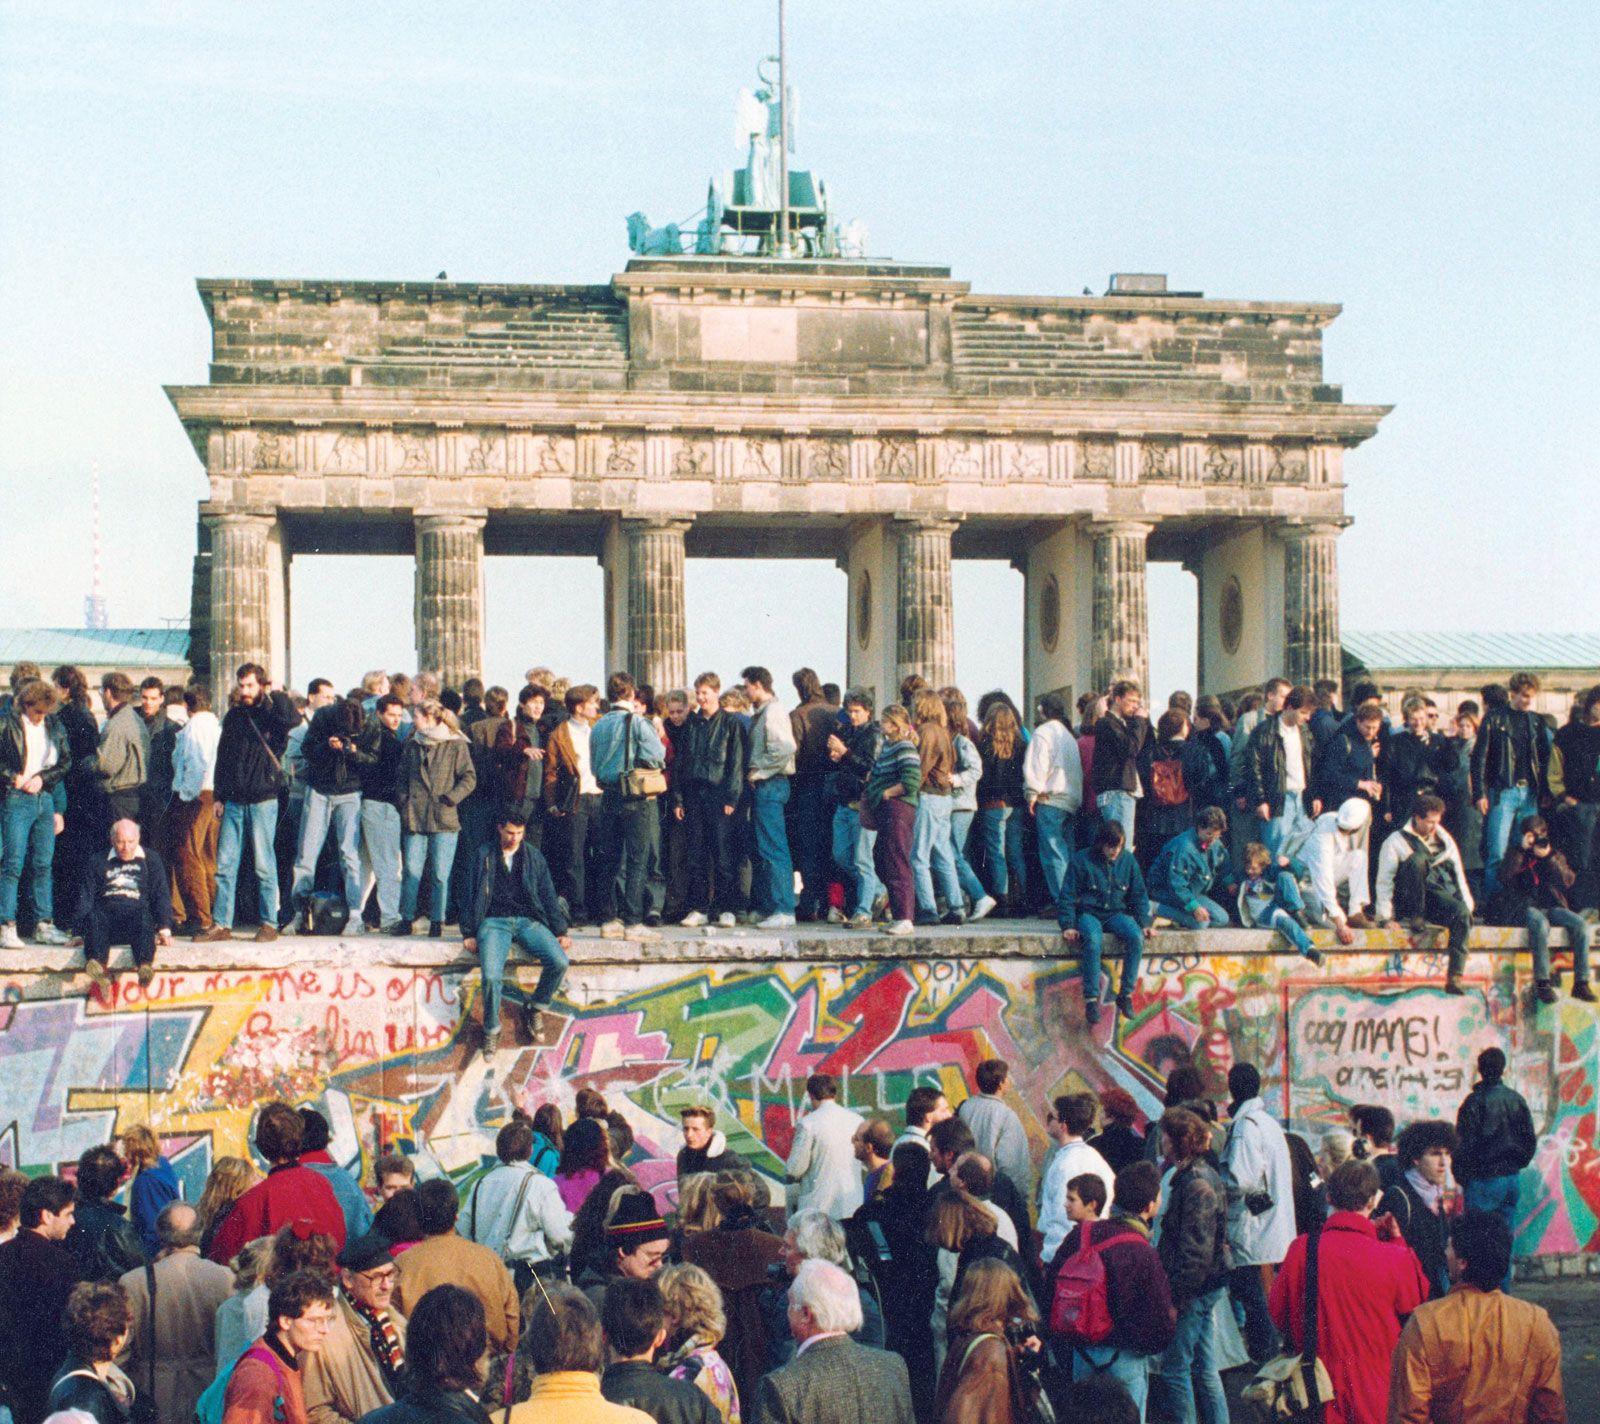 Pin By Freda On Berlin In 2020 Berlin Wall Today In History Berlin